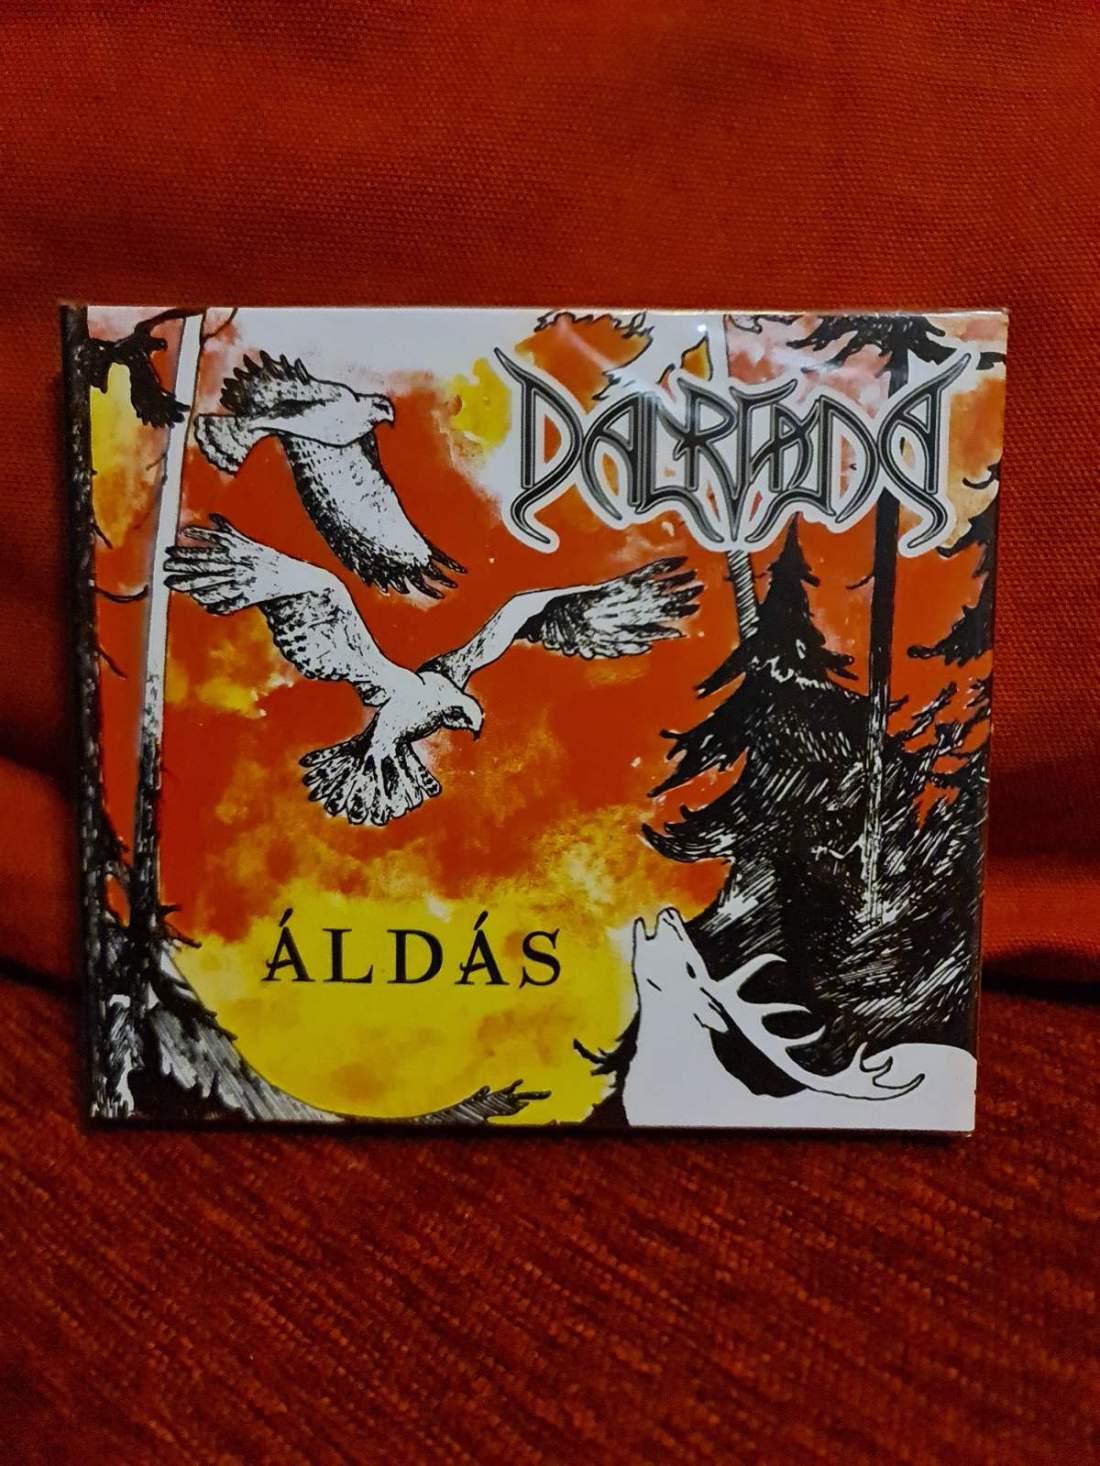 DALRIADA - ÁLDÁS CD